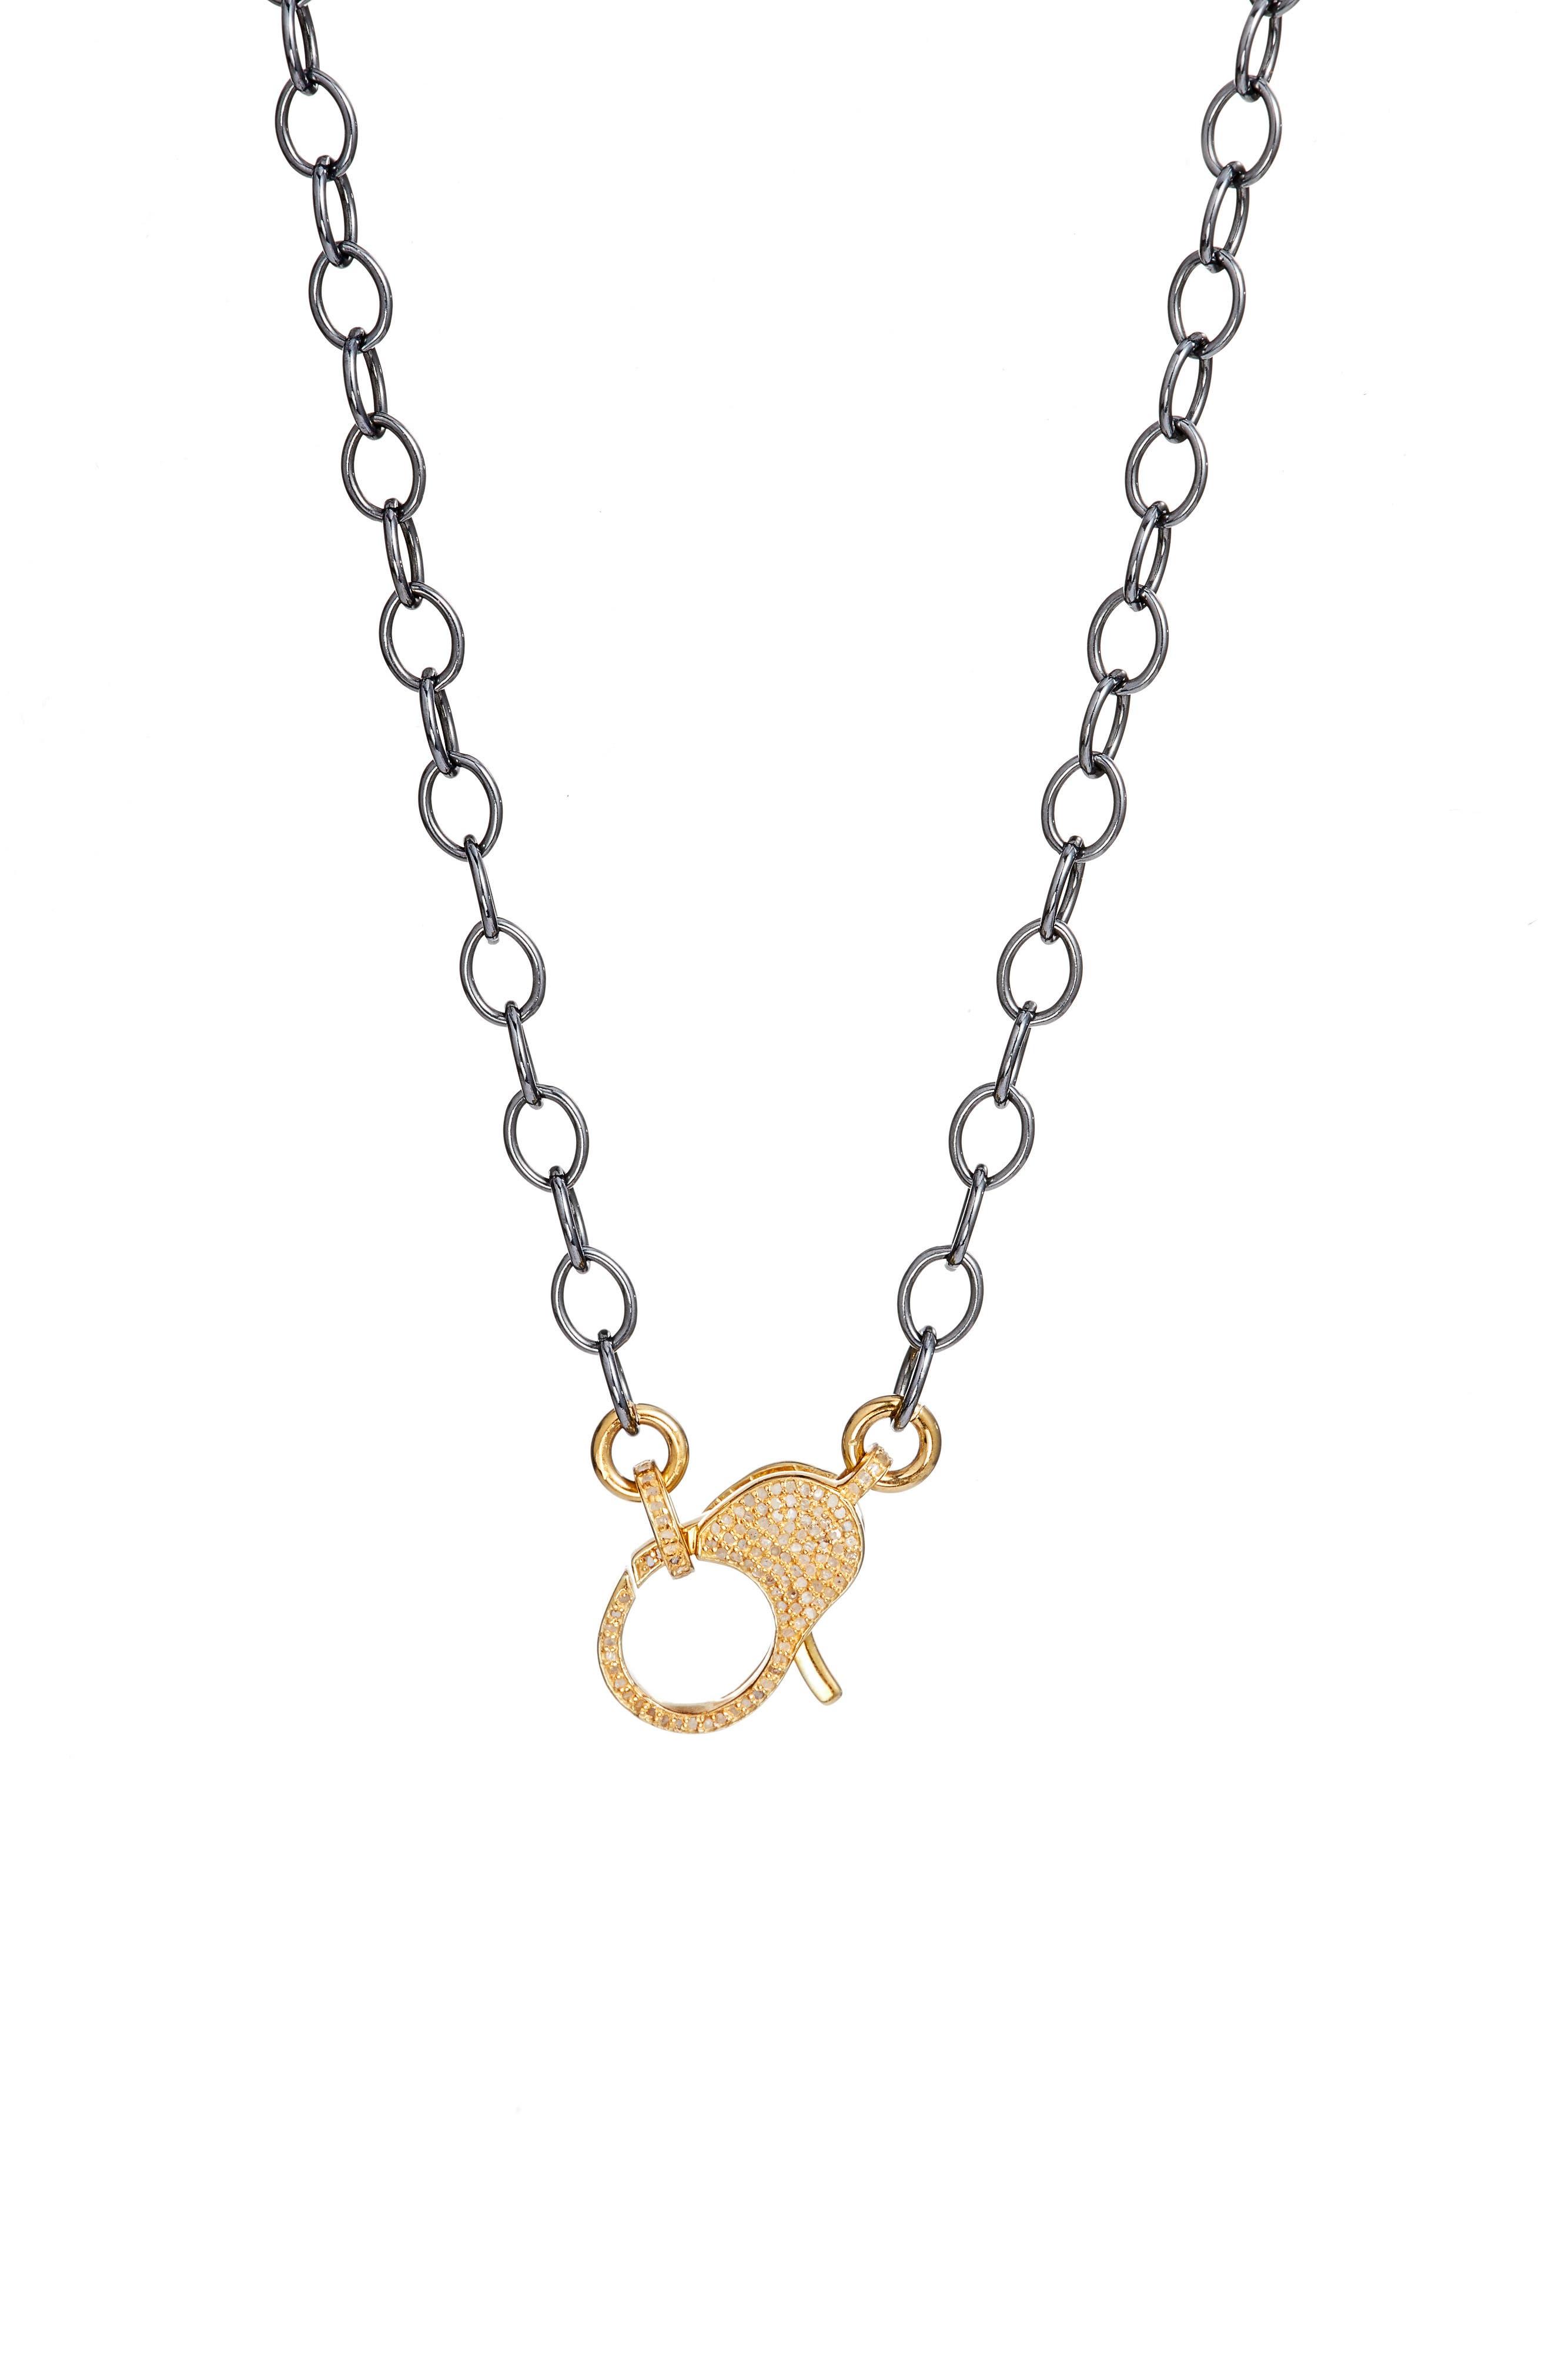 Jane Basch Pavé Lock Chain Necklace,                             Main thumbnail 1, color,                             GOLD/ BLACK